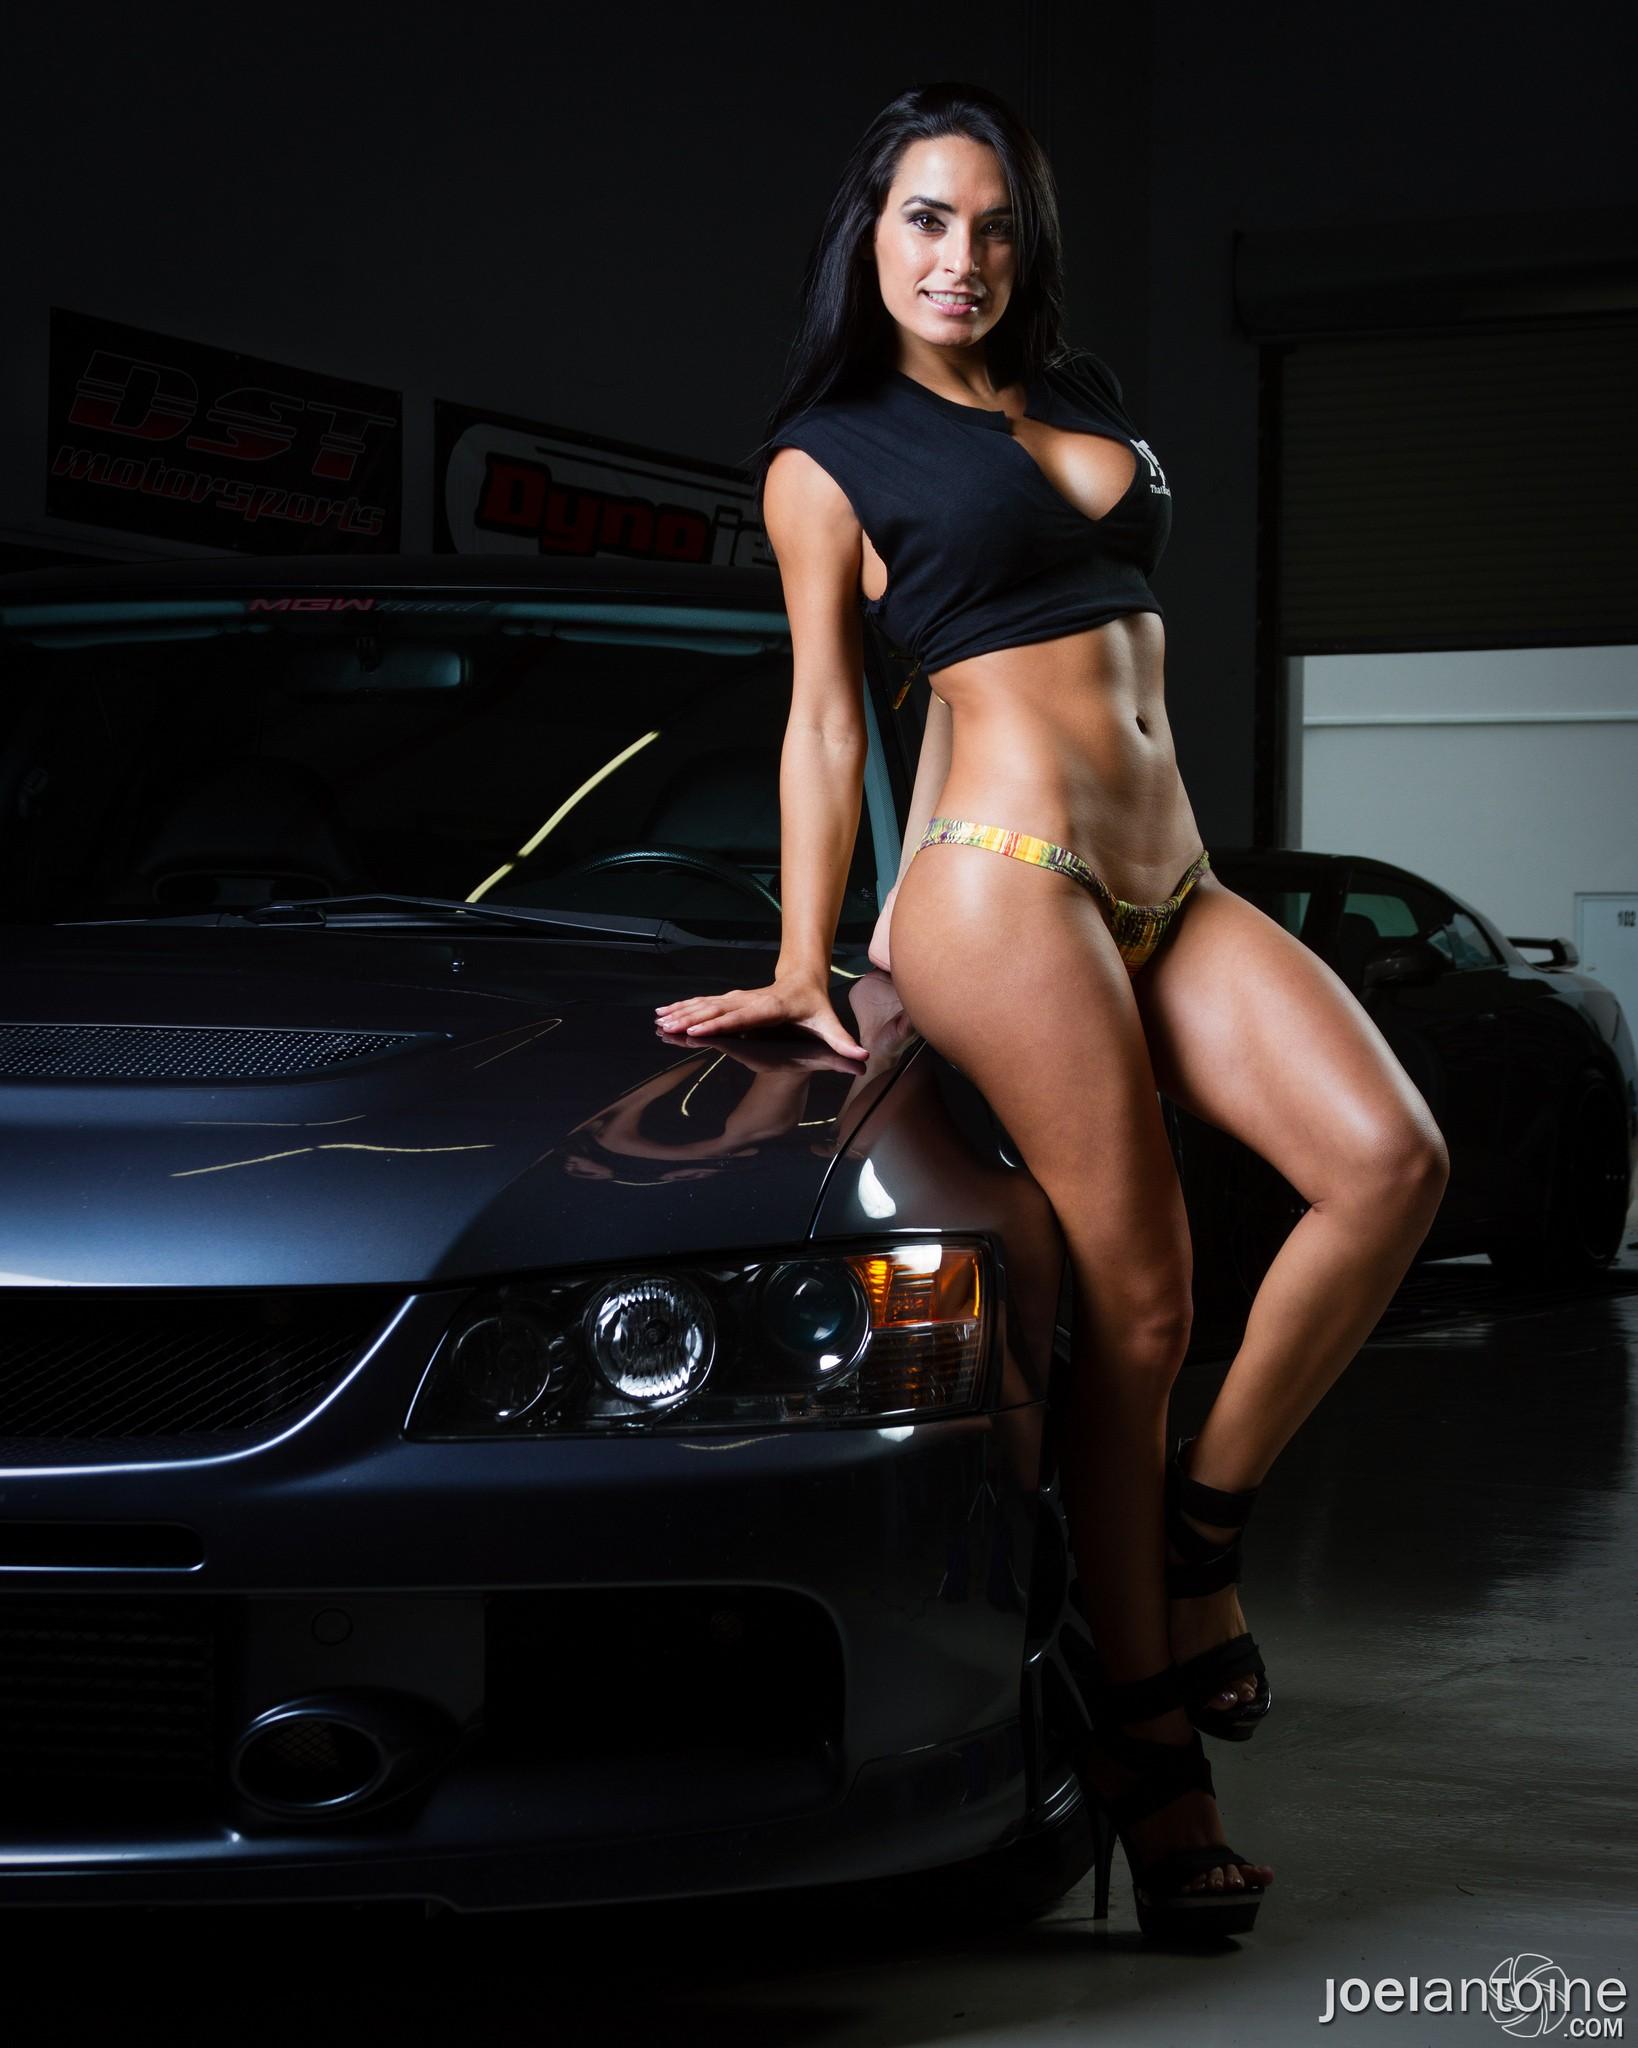 Сексуальные девушки в авто 2 фотография